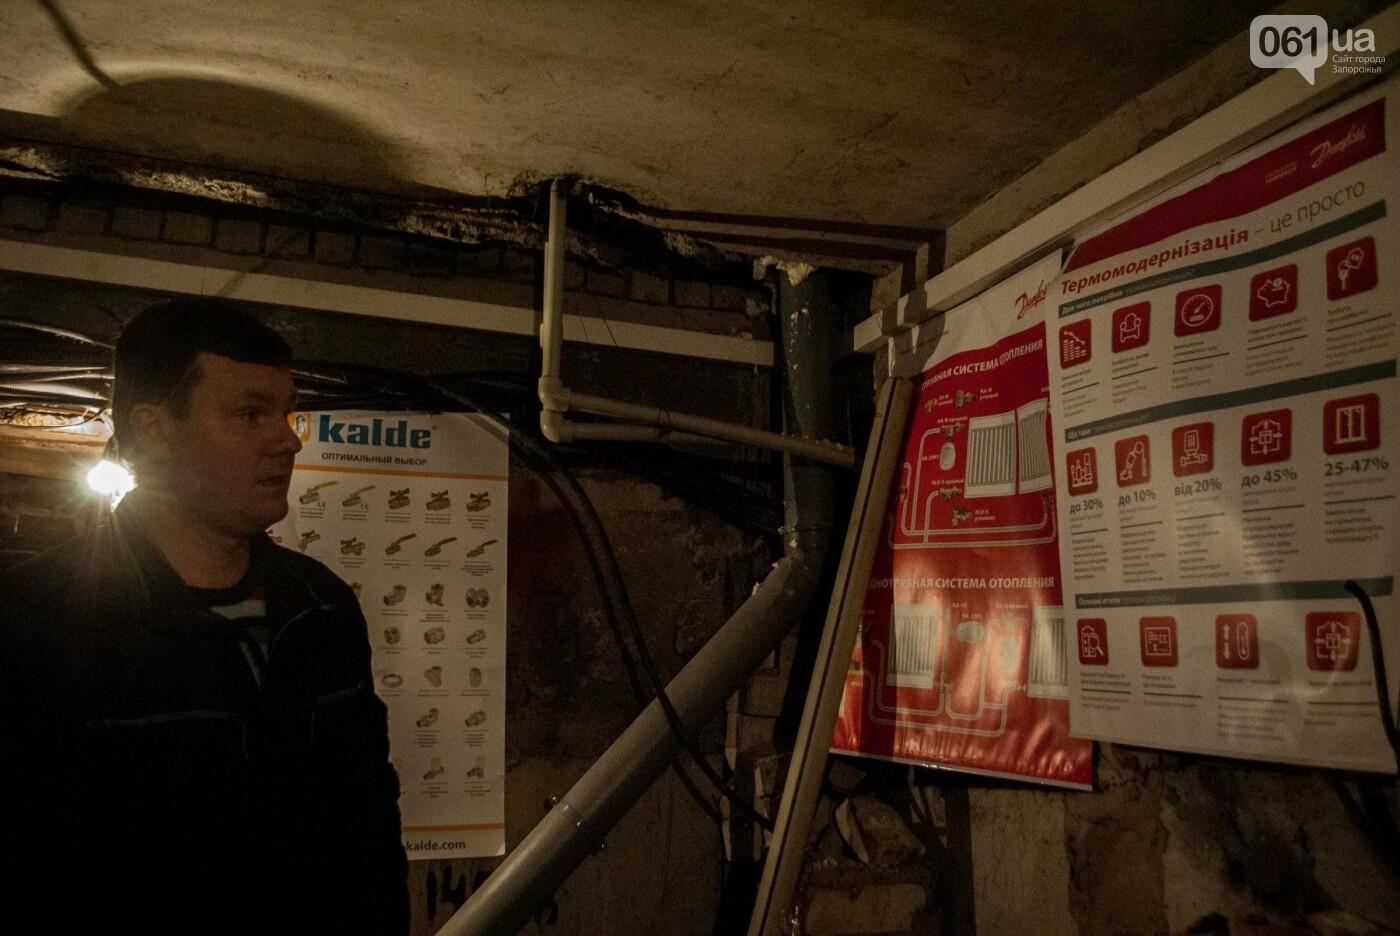 Сам себе хозяин: как запорожские ОСМД занимаются энергосбережением и значительно экономят на тарифах, — ФОТО, фото-37